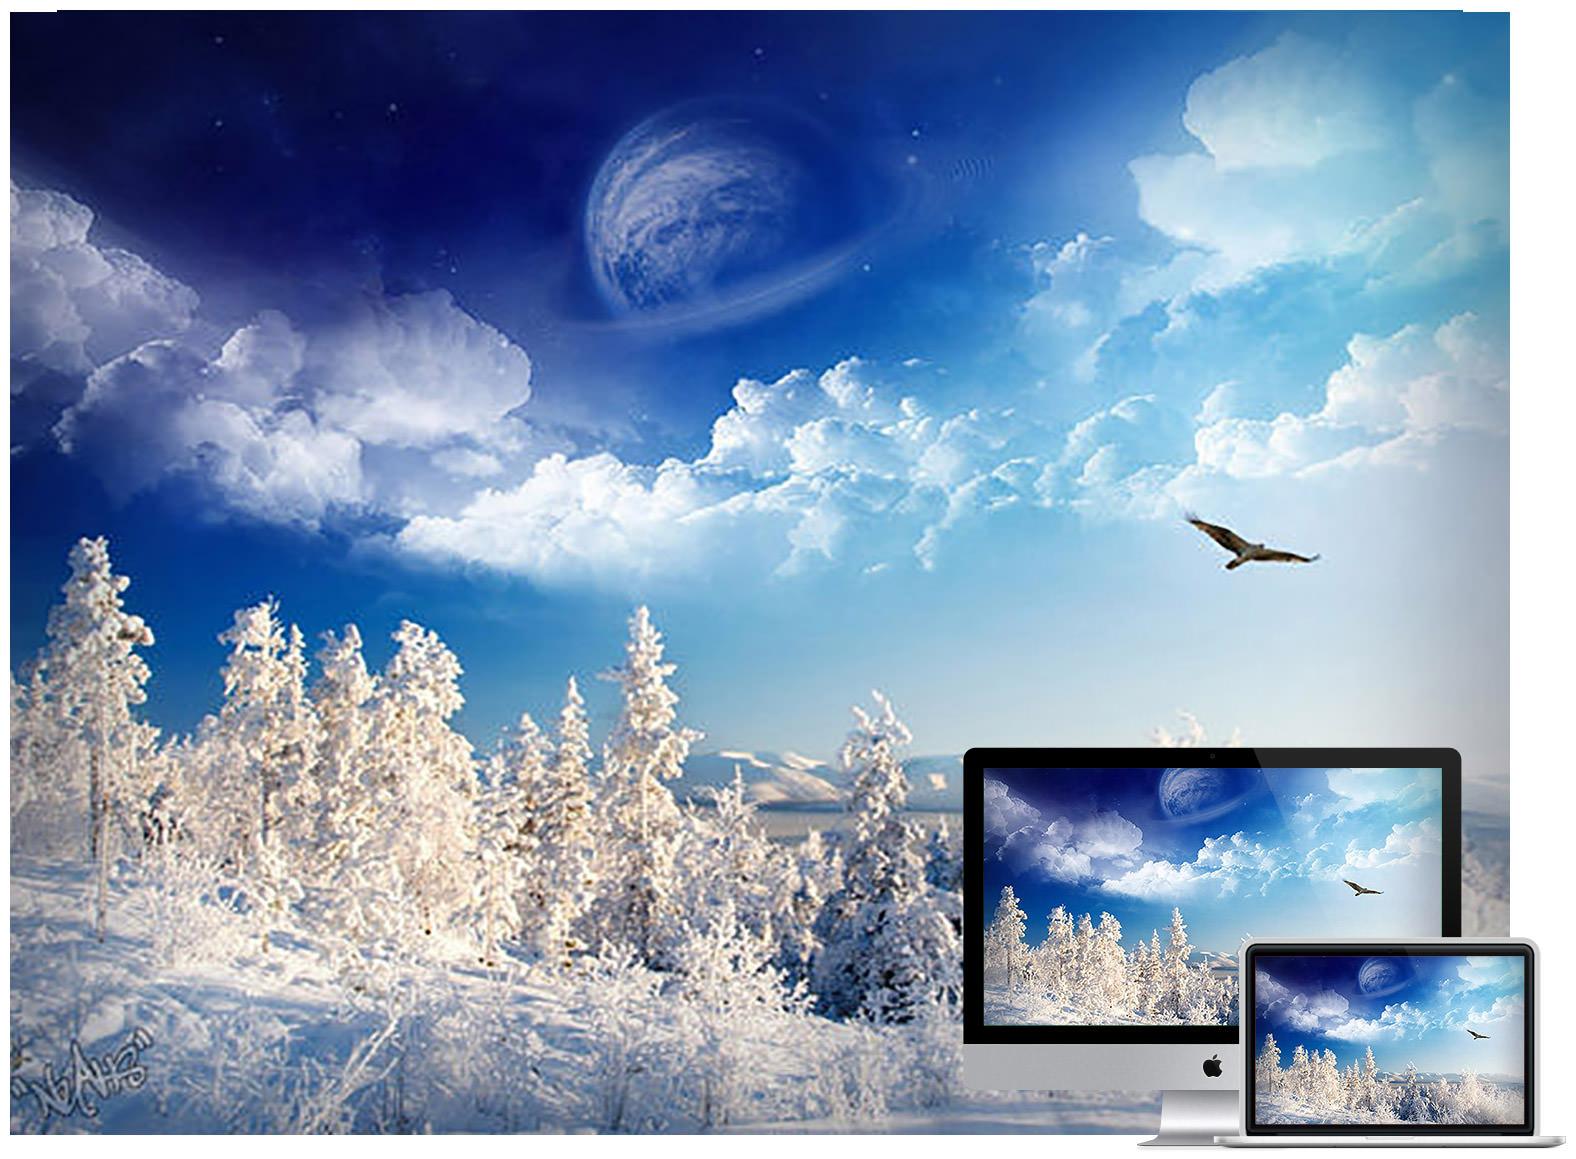 Winter Wonderland Pac - Bộ ảnh nền mùa Đông đẹp dành cho máy tính